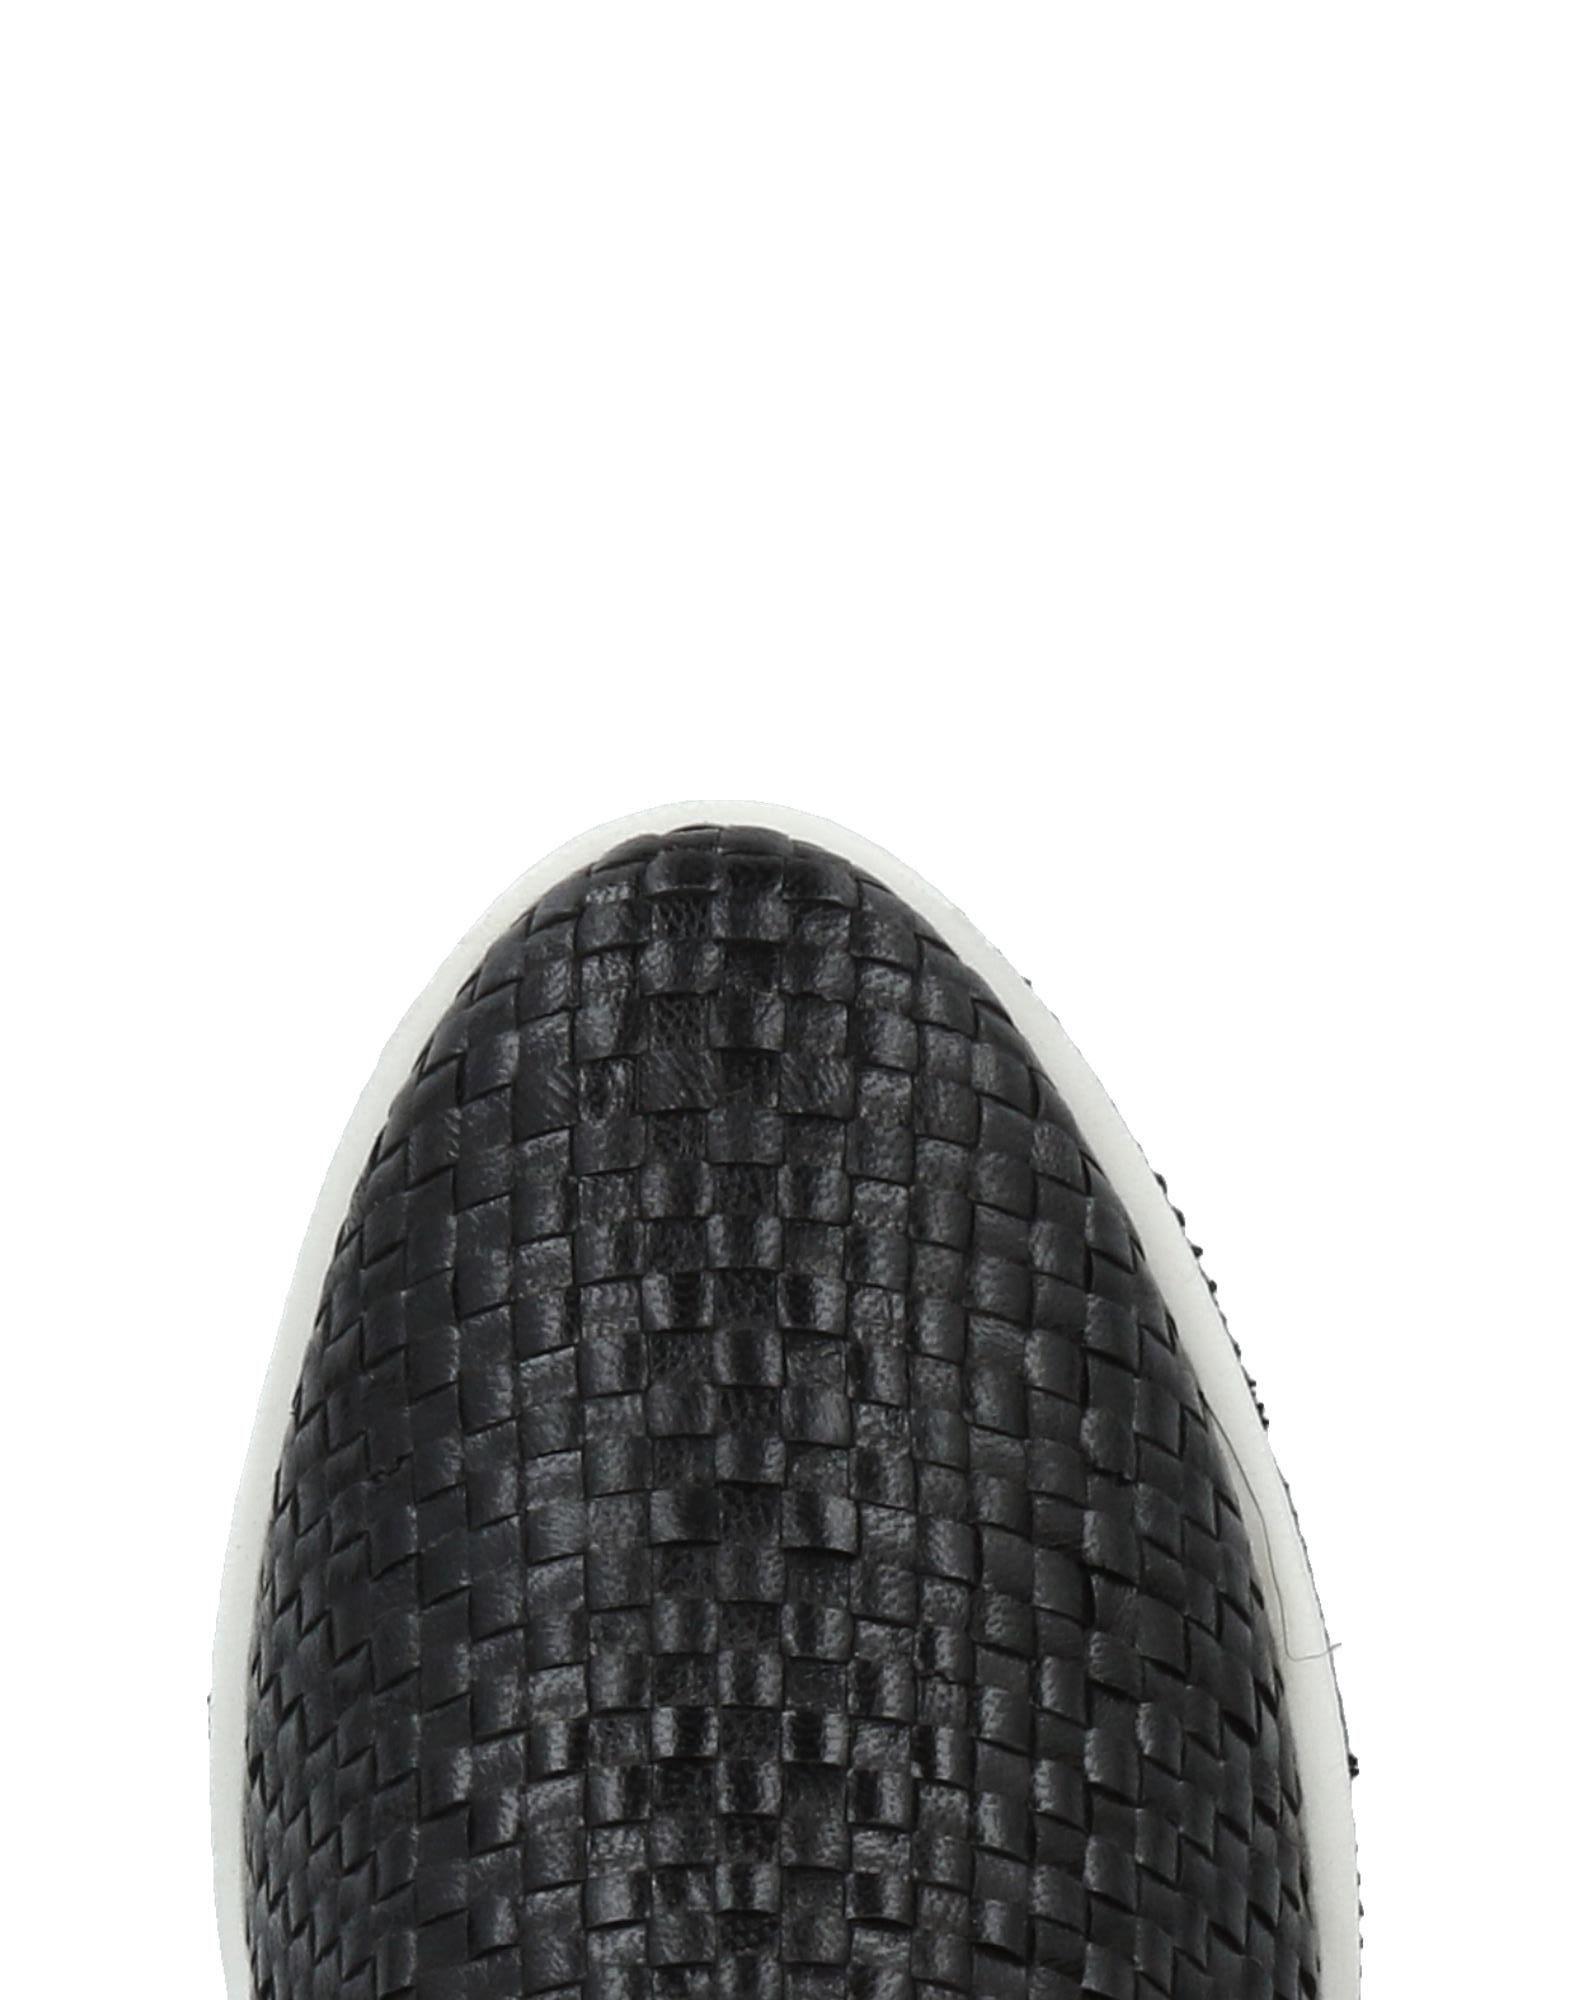 Pons 11433902KP Quintana Mokassins Damen  11433902KP Pons Gute Qualität beliebte Schuhe b18154